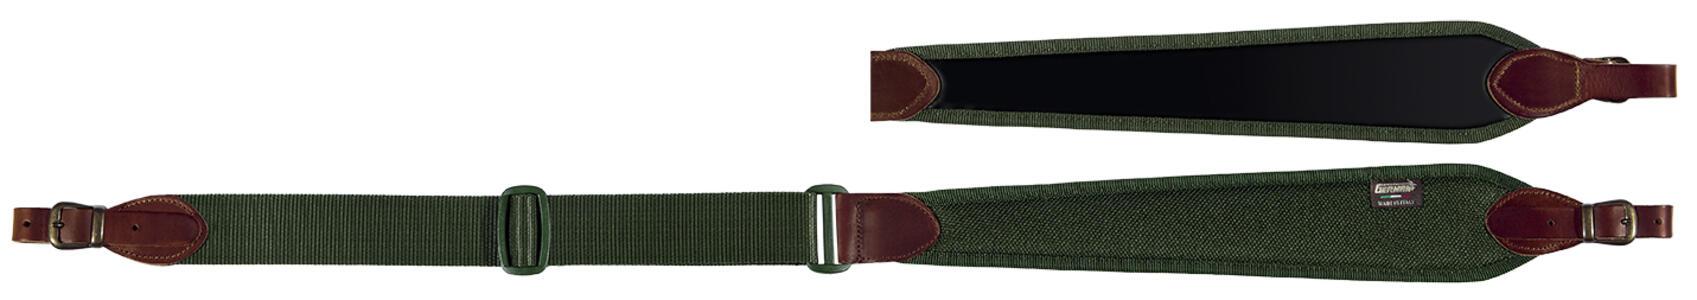 Bretella per carabina registrabile cm. 90>110 colore verde militare